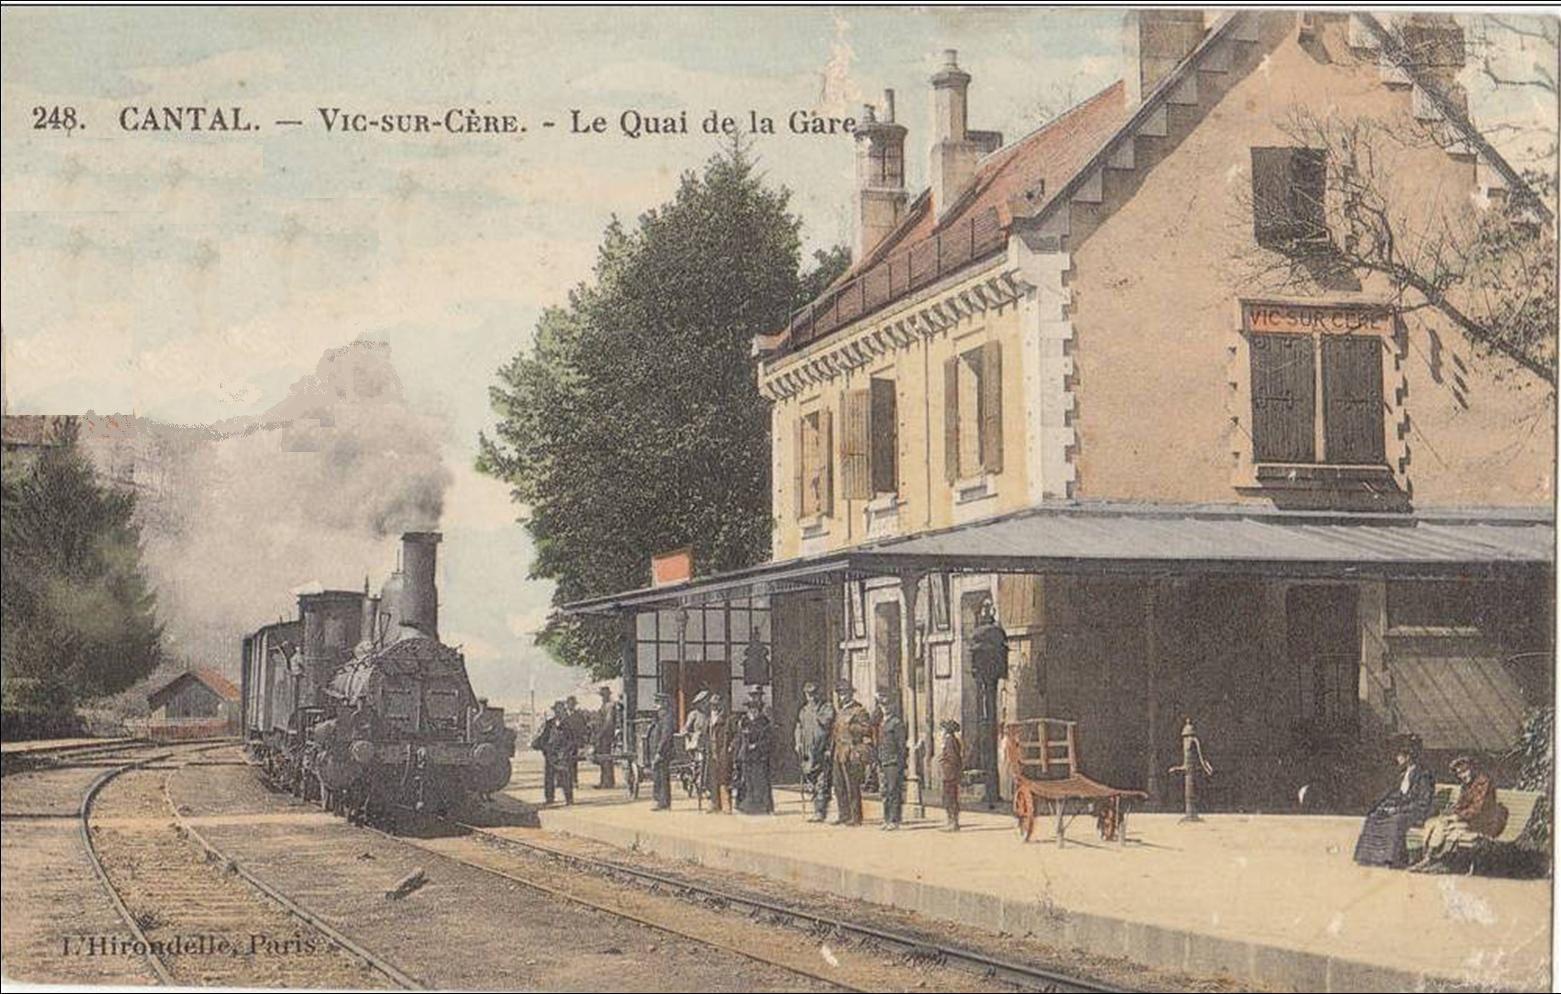 Les gares d'Auvergne: Vic sur cère Cantal